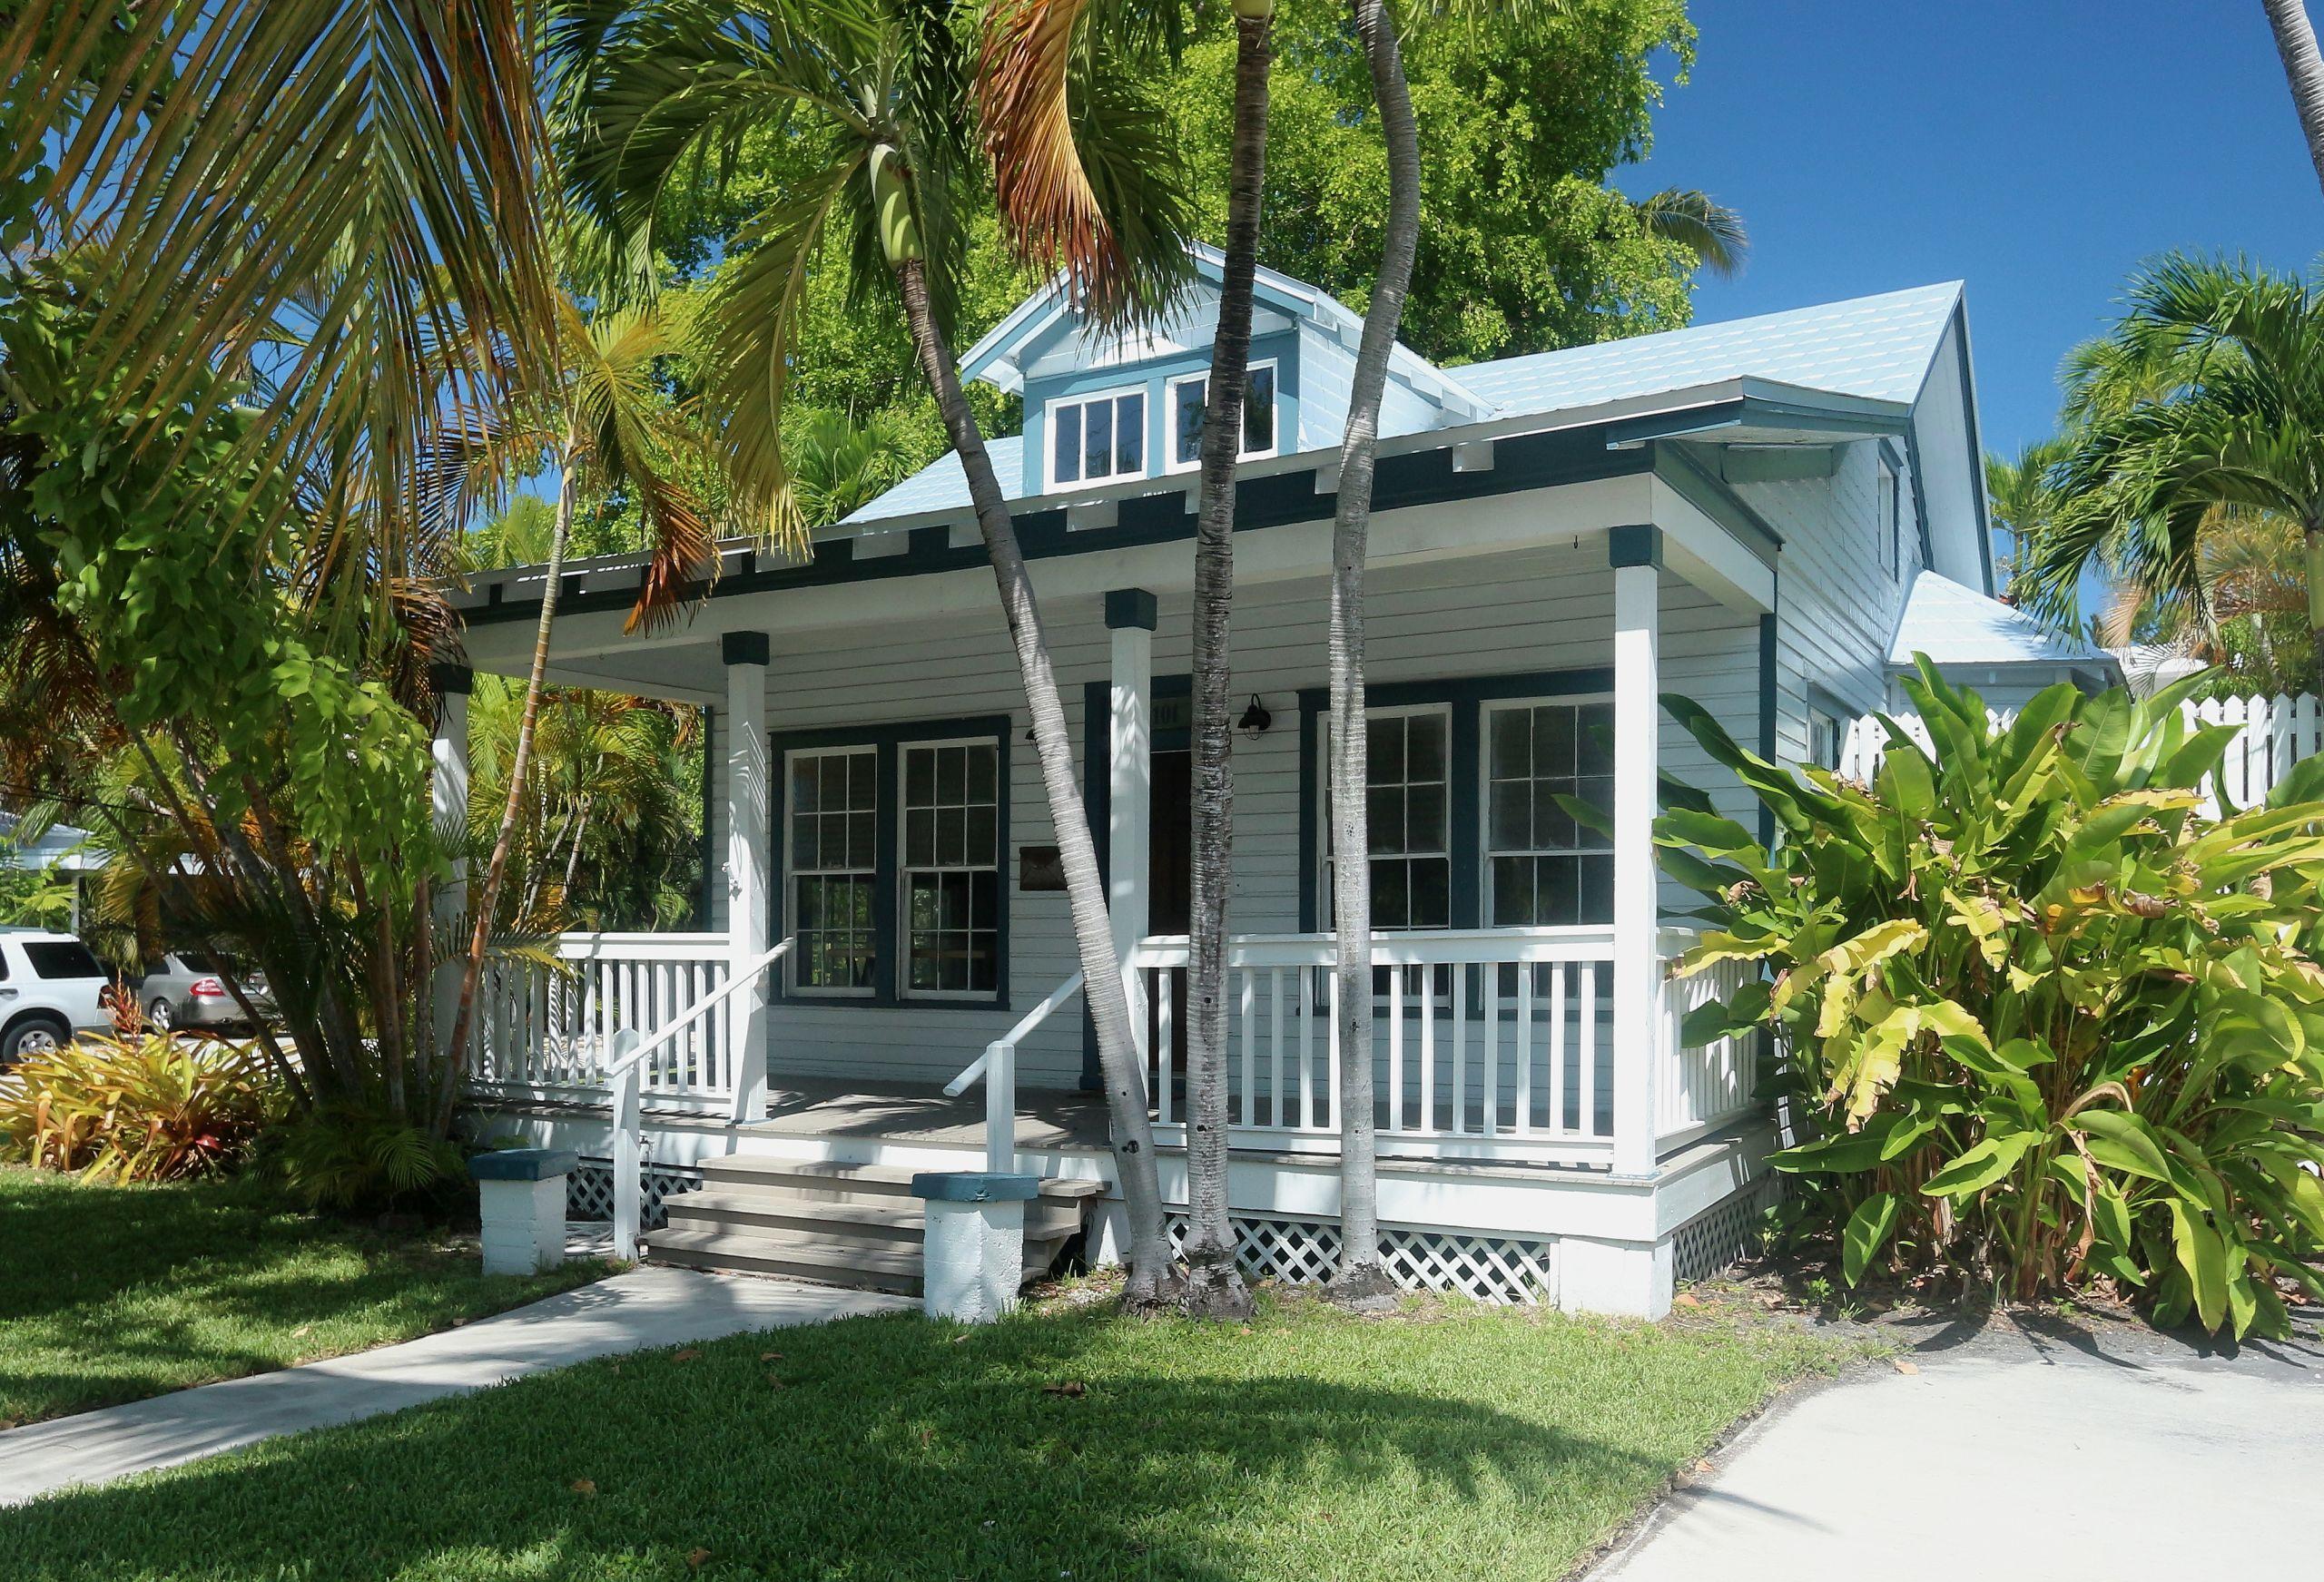 1101 Flagler Ave.., Key West - Now $899,000